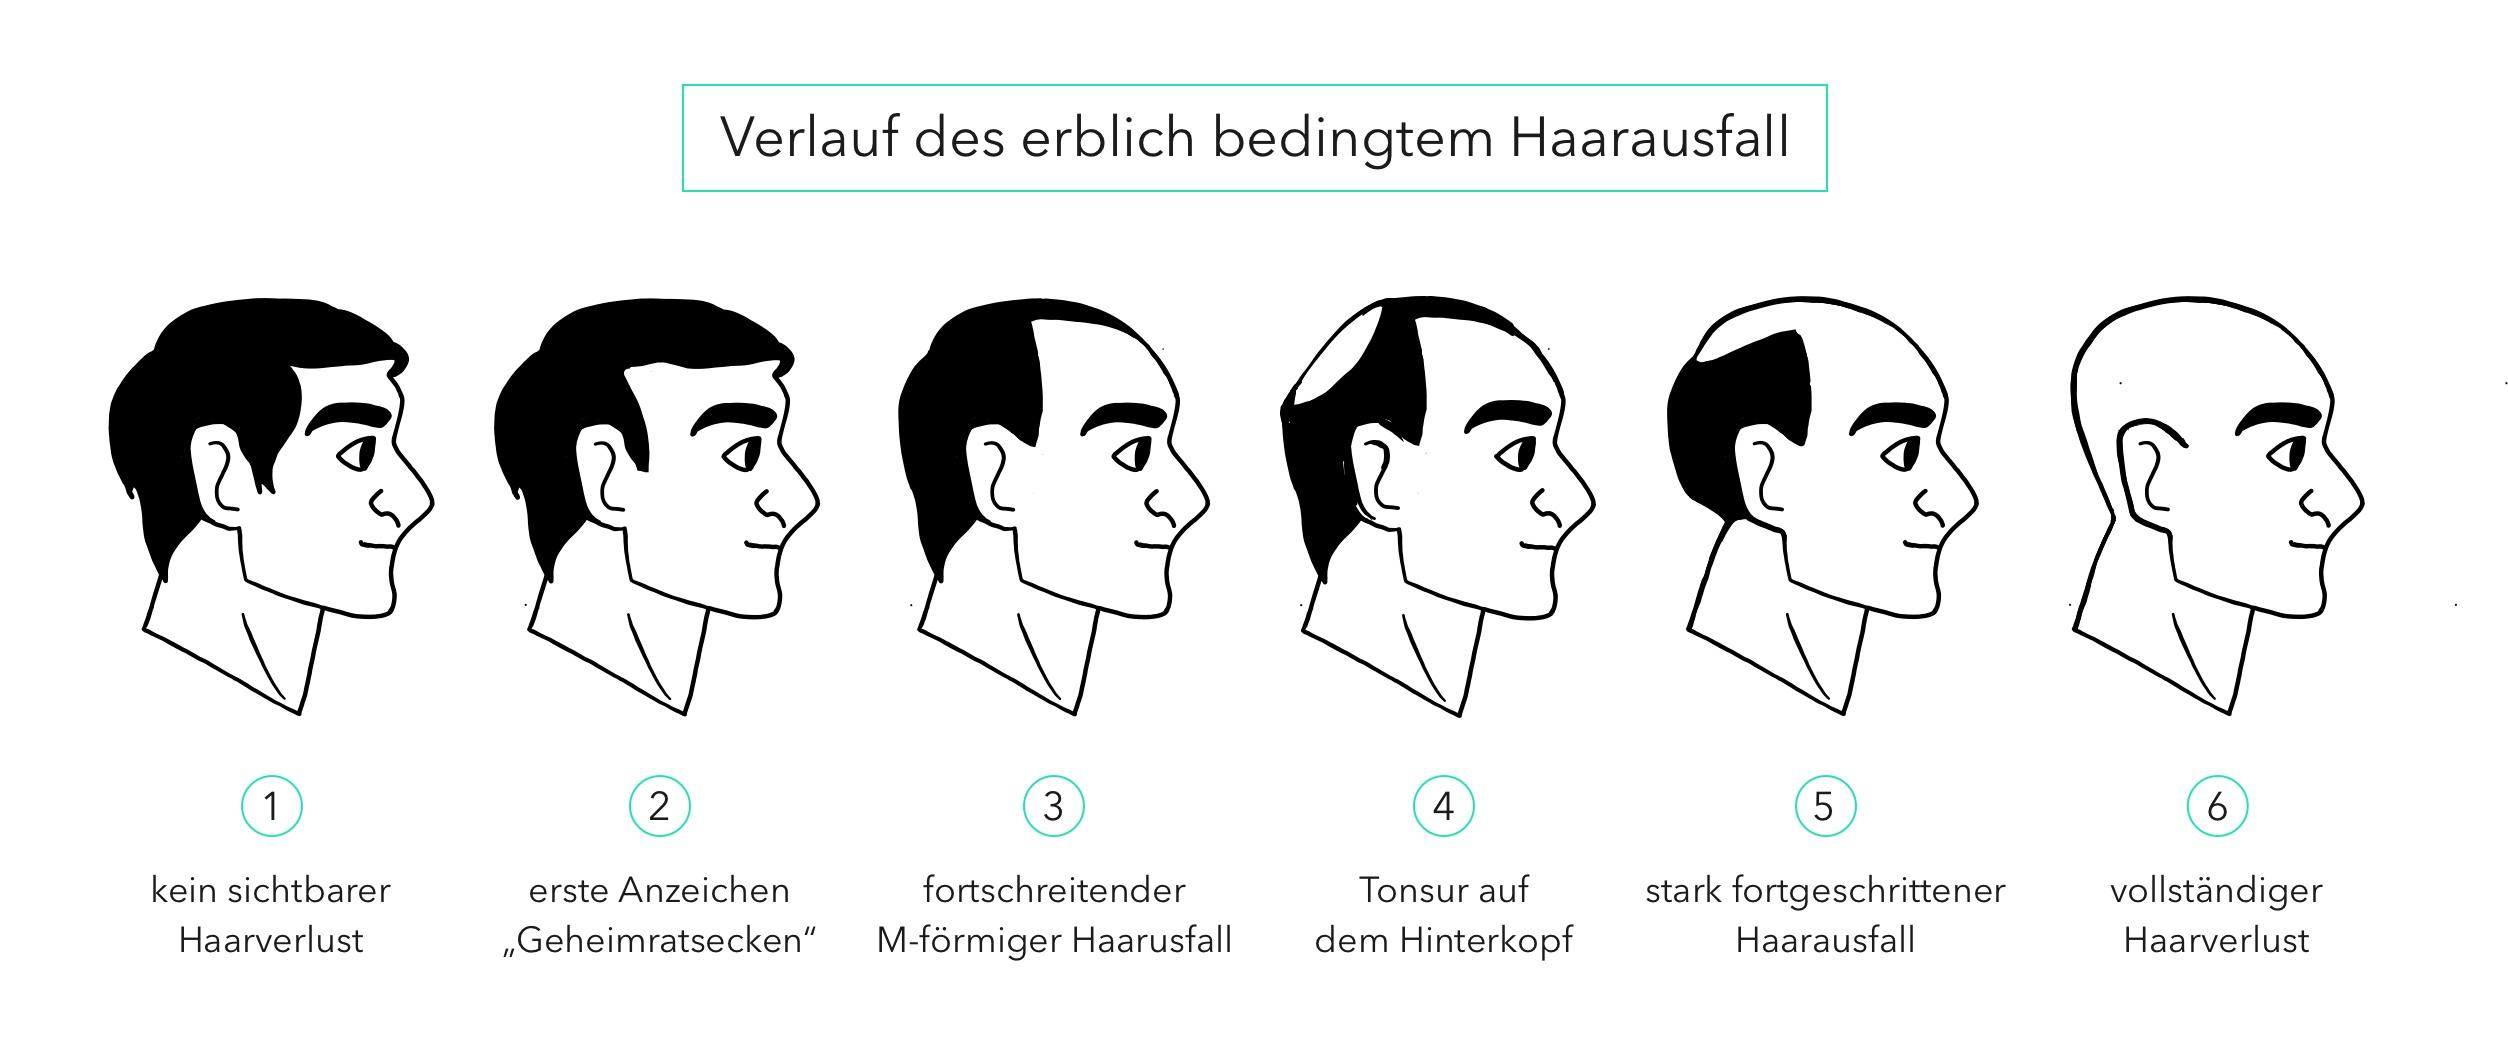 Der Verlauf des erblich bedingten Haarausfalls in sechs Stufen in Bildform dargestellt.